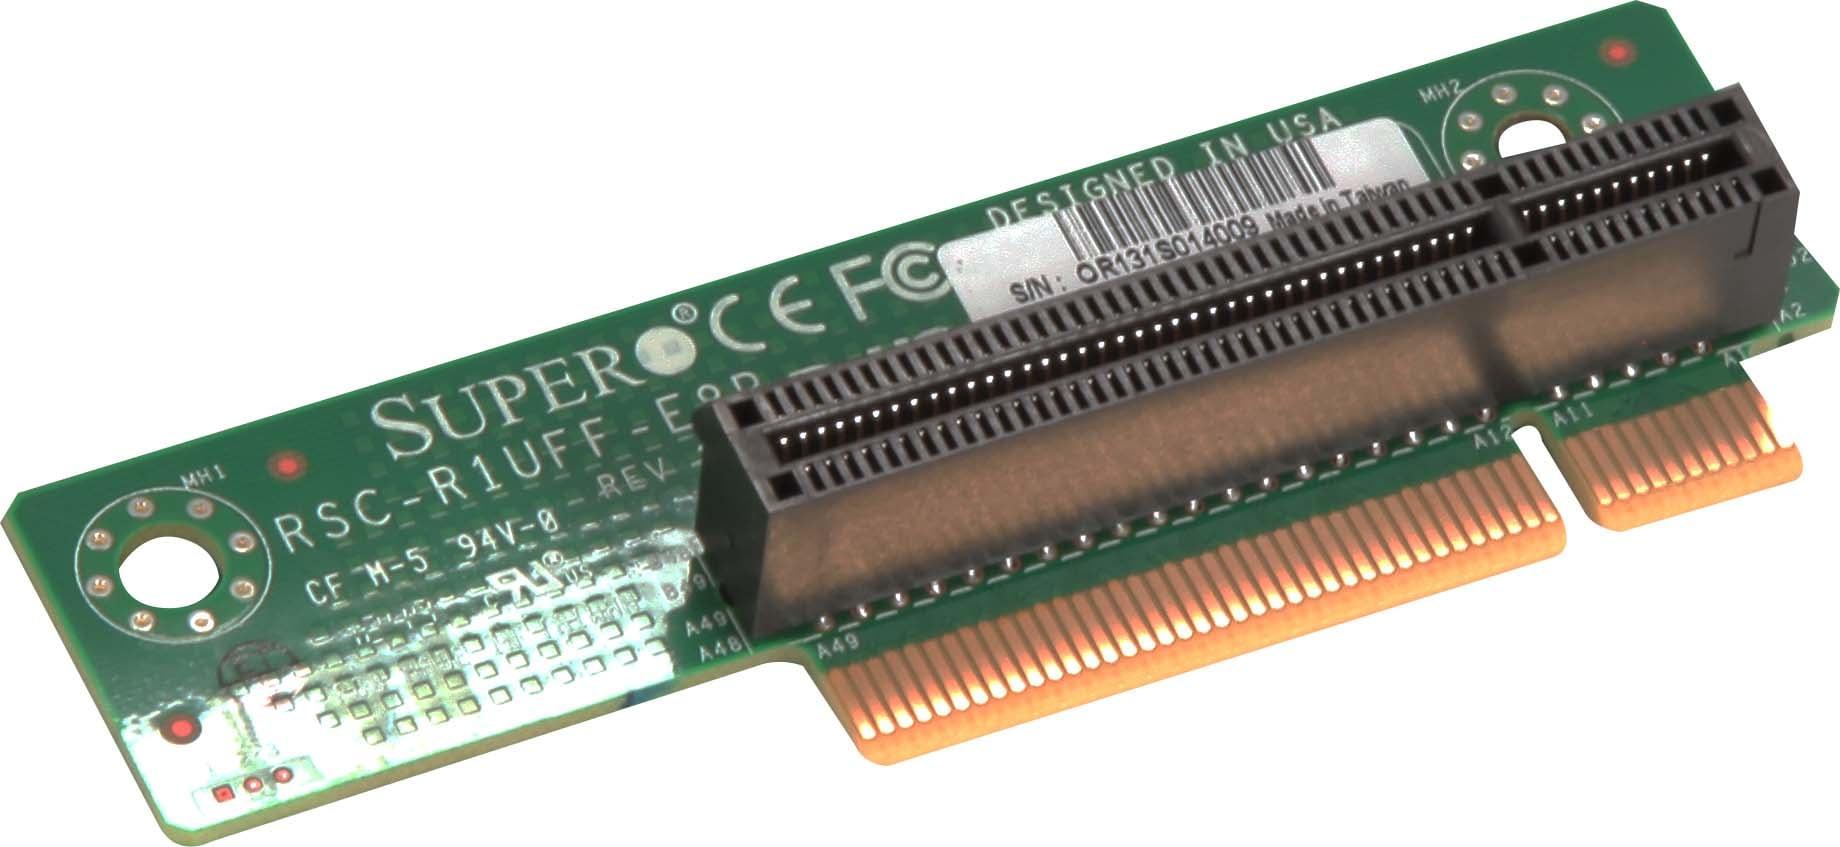 Zdjecie - RSC-R1UFF-E8R - Supermicro